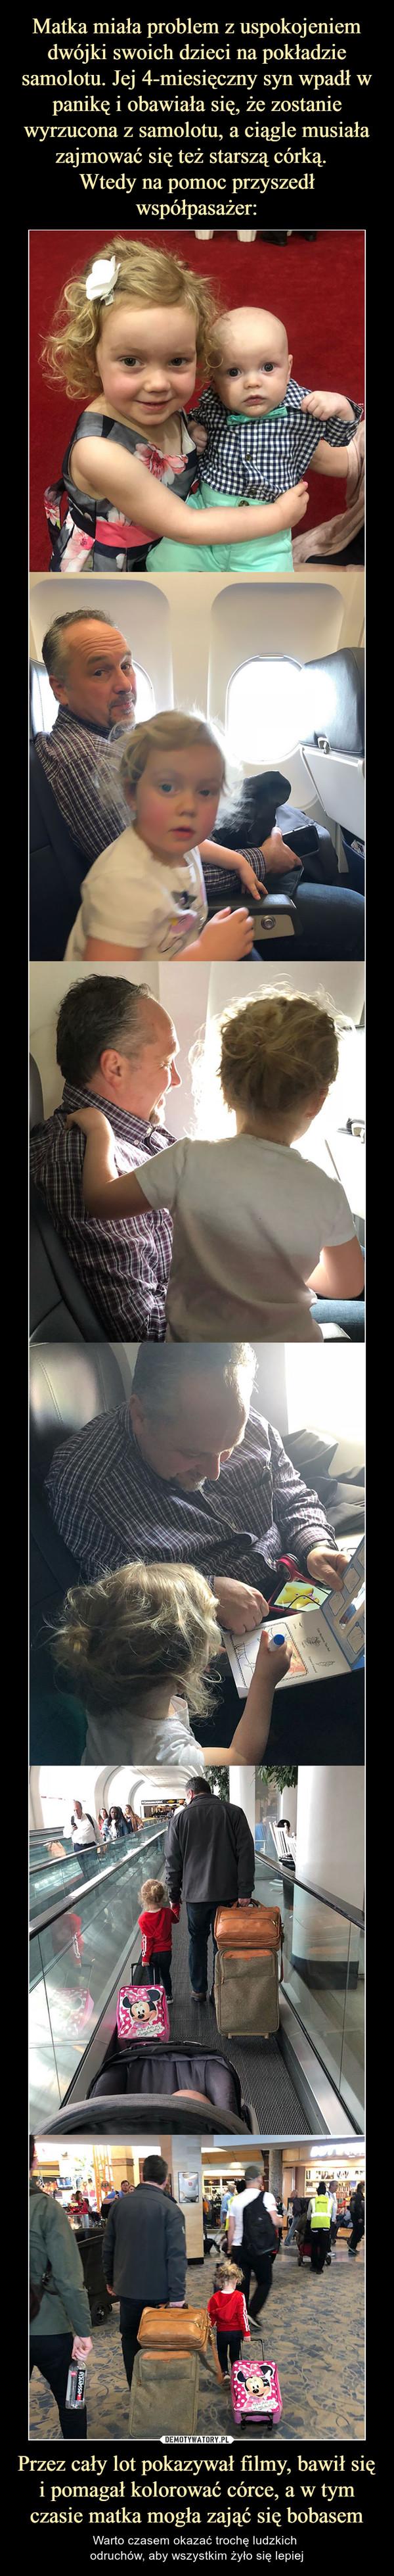 Przez cały lot pokazywał filmy, bawił się i pomagał kolorować córce, a w tym czasie matka mogła zająć się bobasem – Warto czasem okazać trochę ludzkich odruchów, aby wszystkim żyło się lepiej